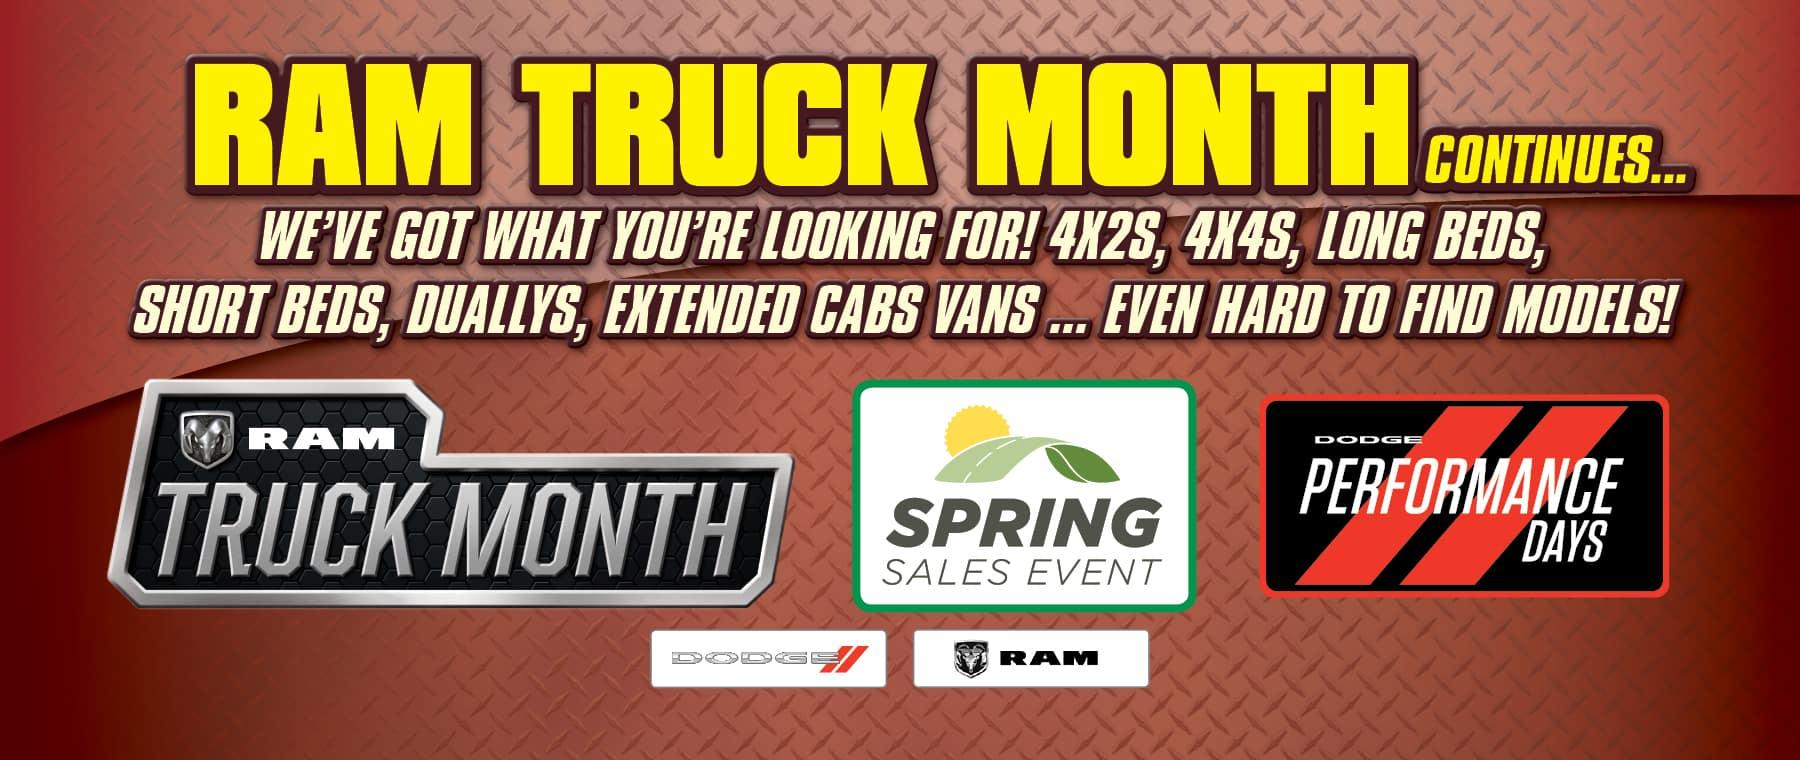 It's Ram Truck Month!